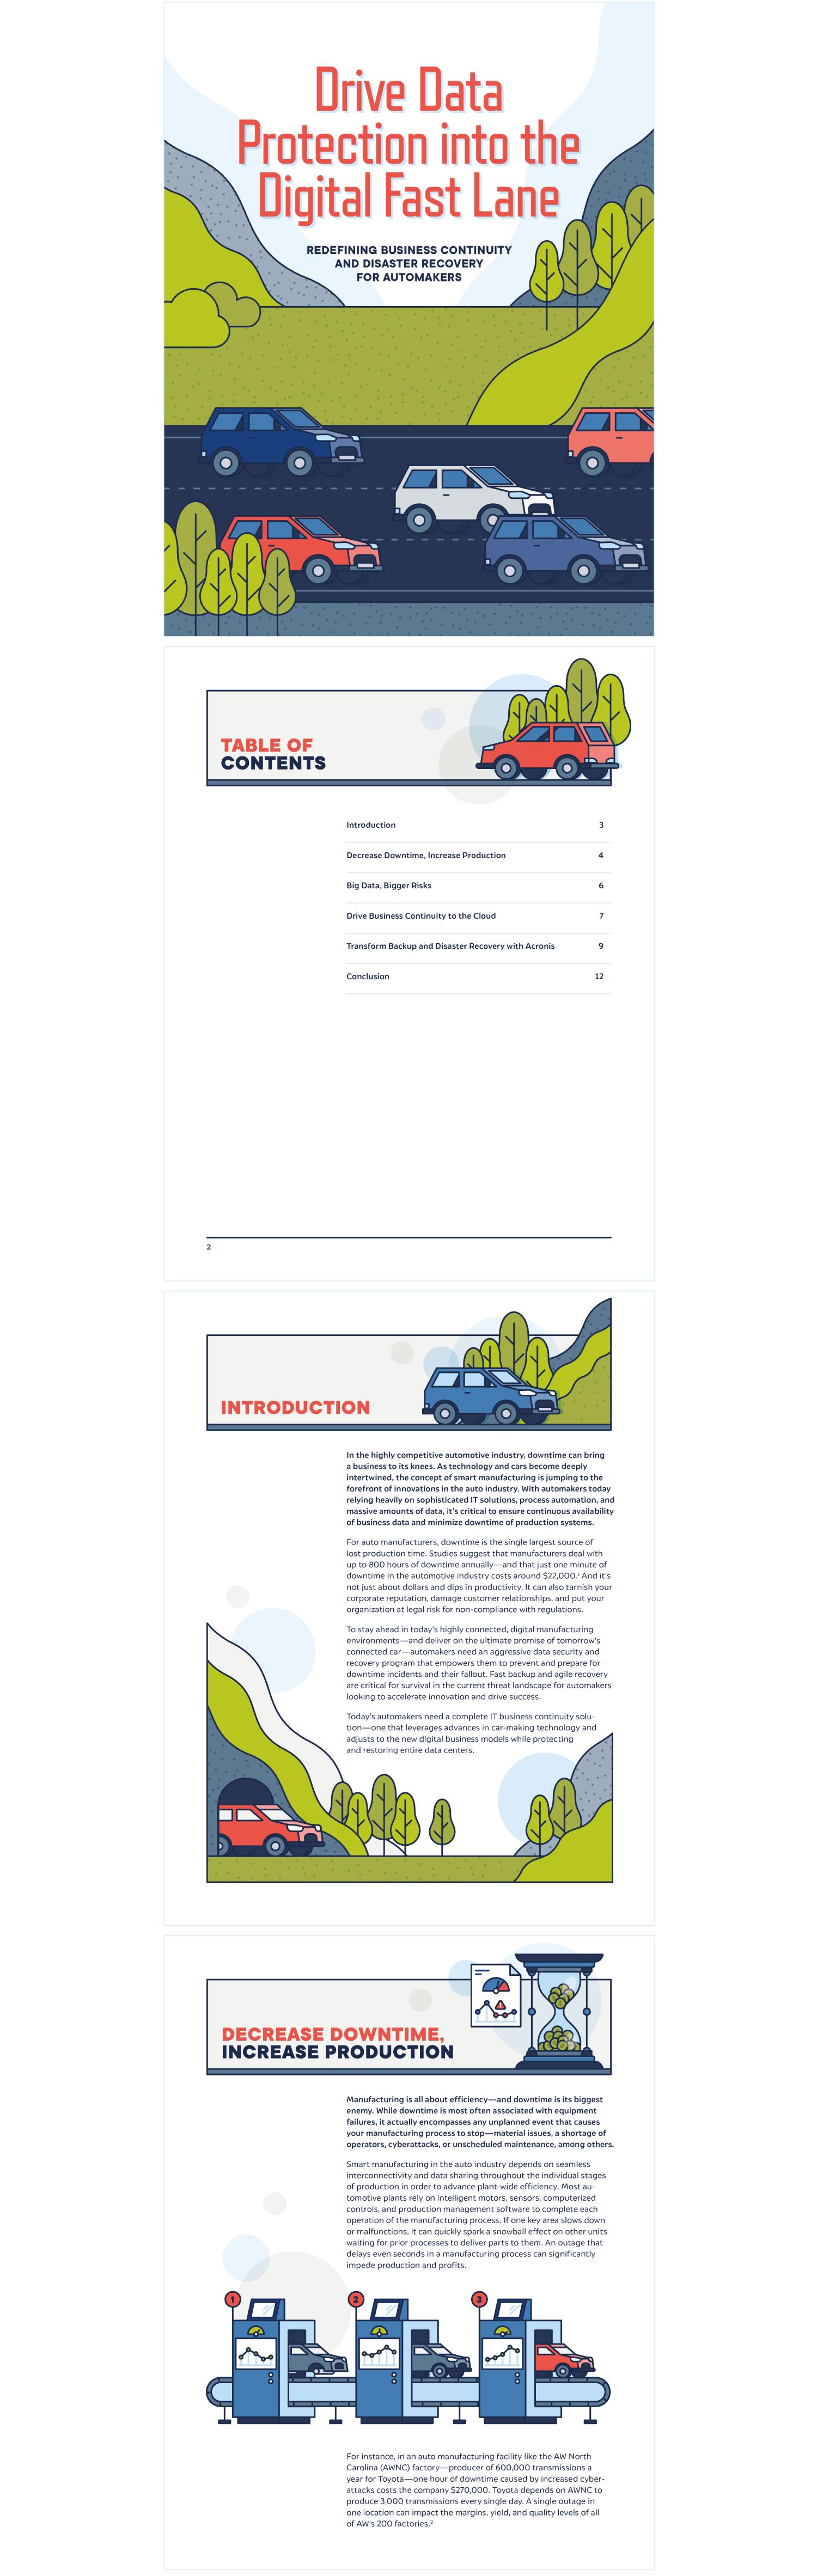 Digital Fast Lane White Paper | Acronis, Spiceworks | Makemark